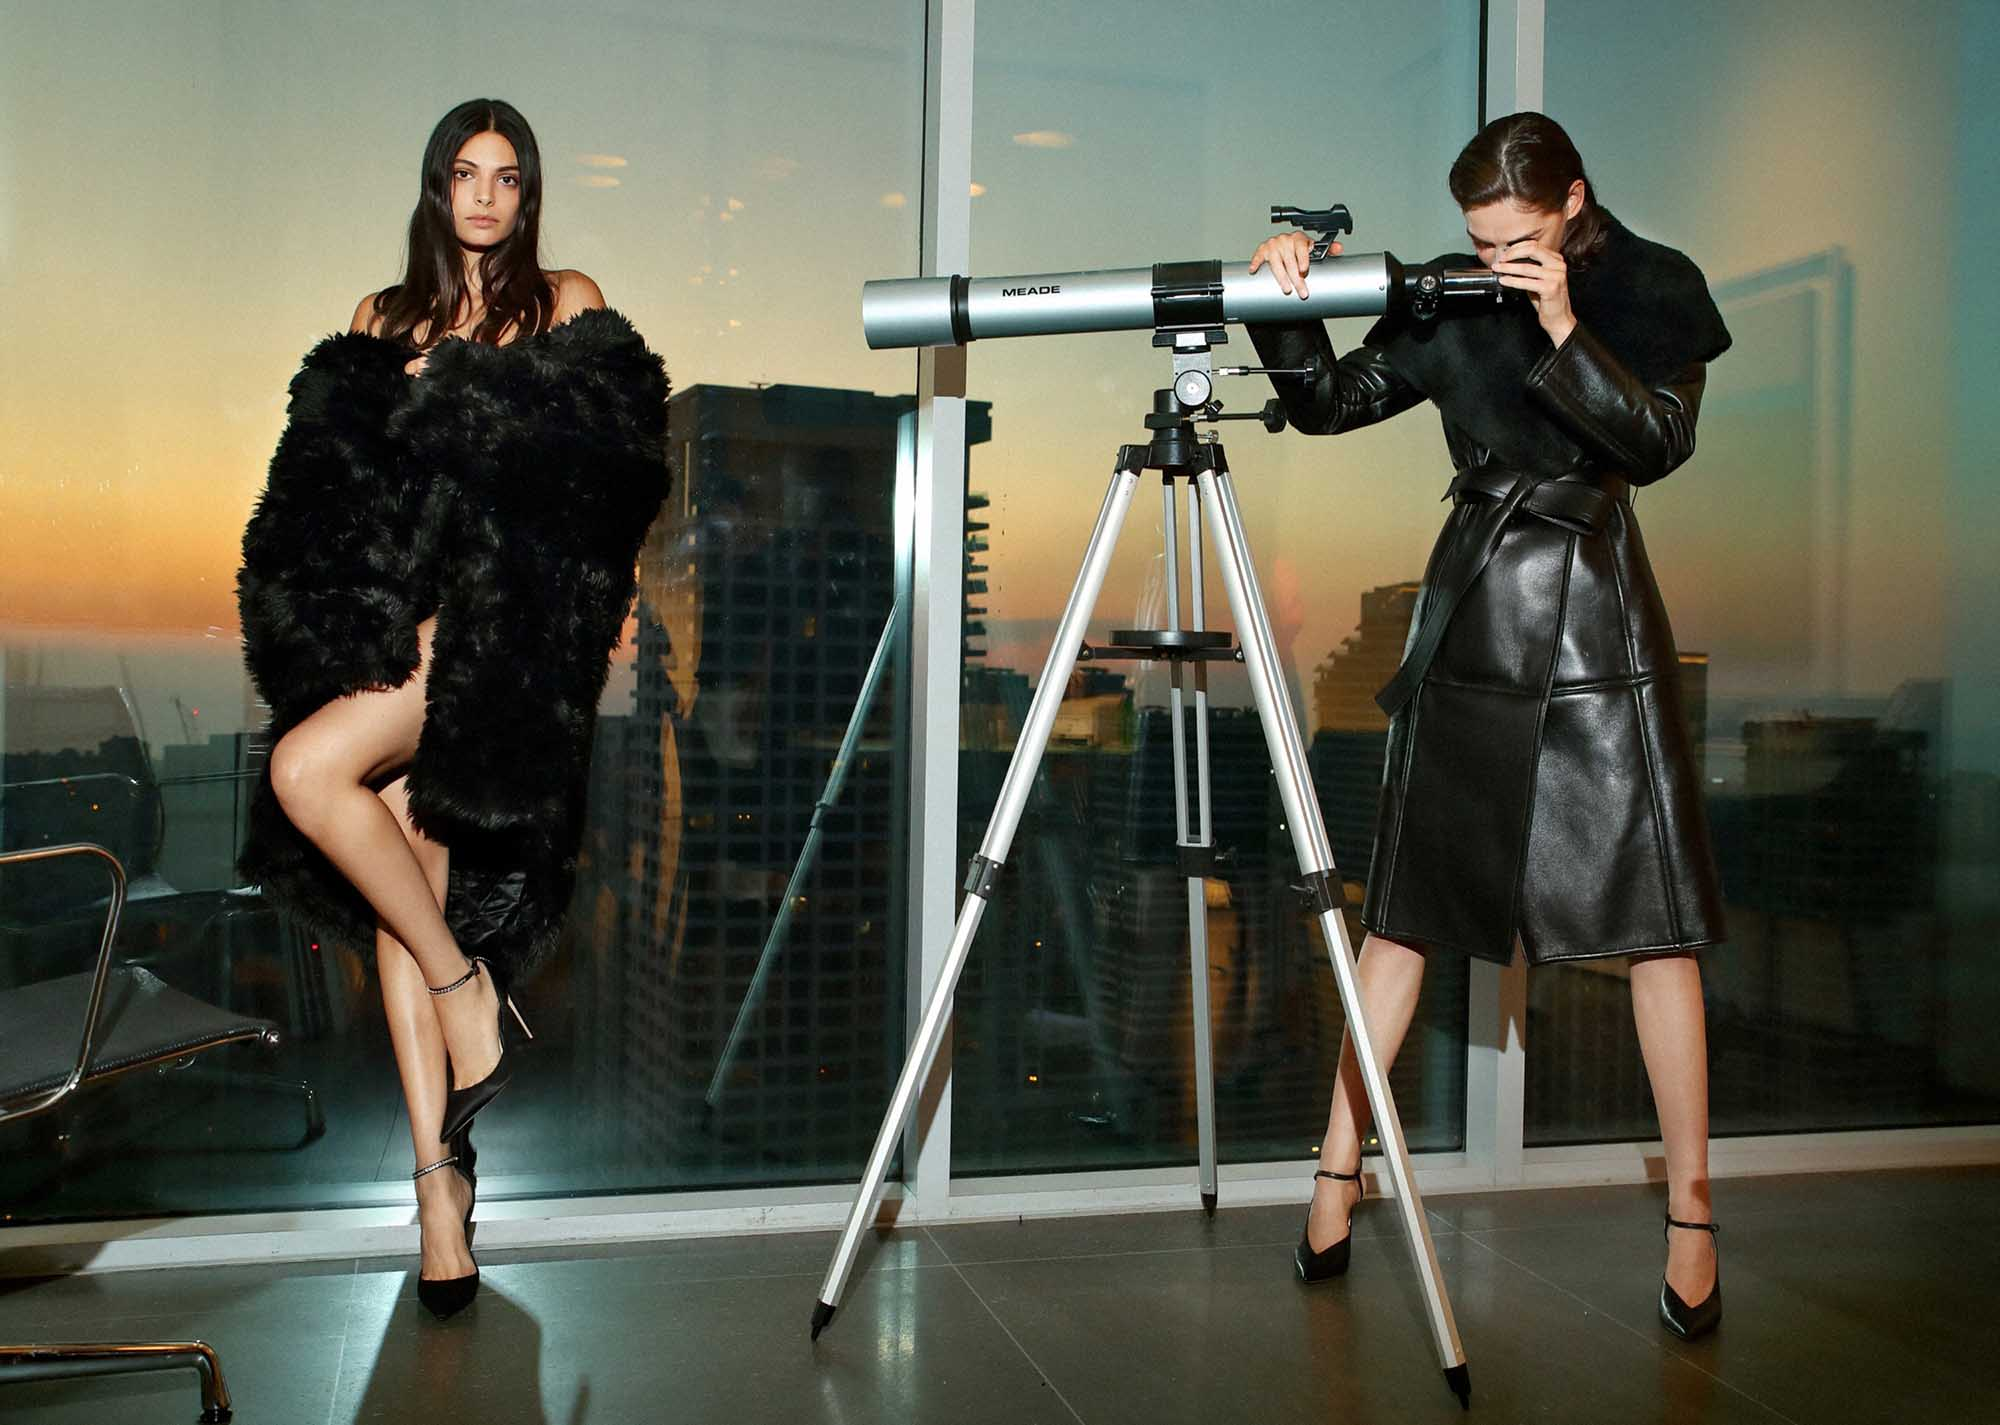 אופנה, fashion, מגזין אופנה, fashion magazine' factory54, בר רפאלי, מאי תגר, מוניקה ג'וזף, סיימון אלמלם, עדה זמורה -